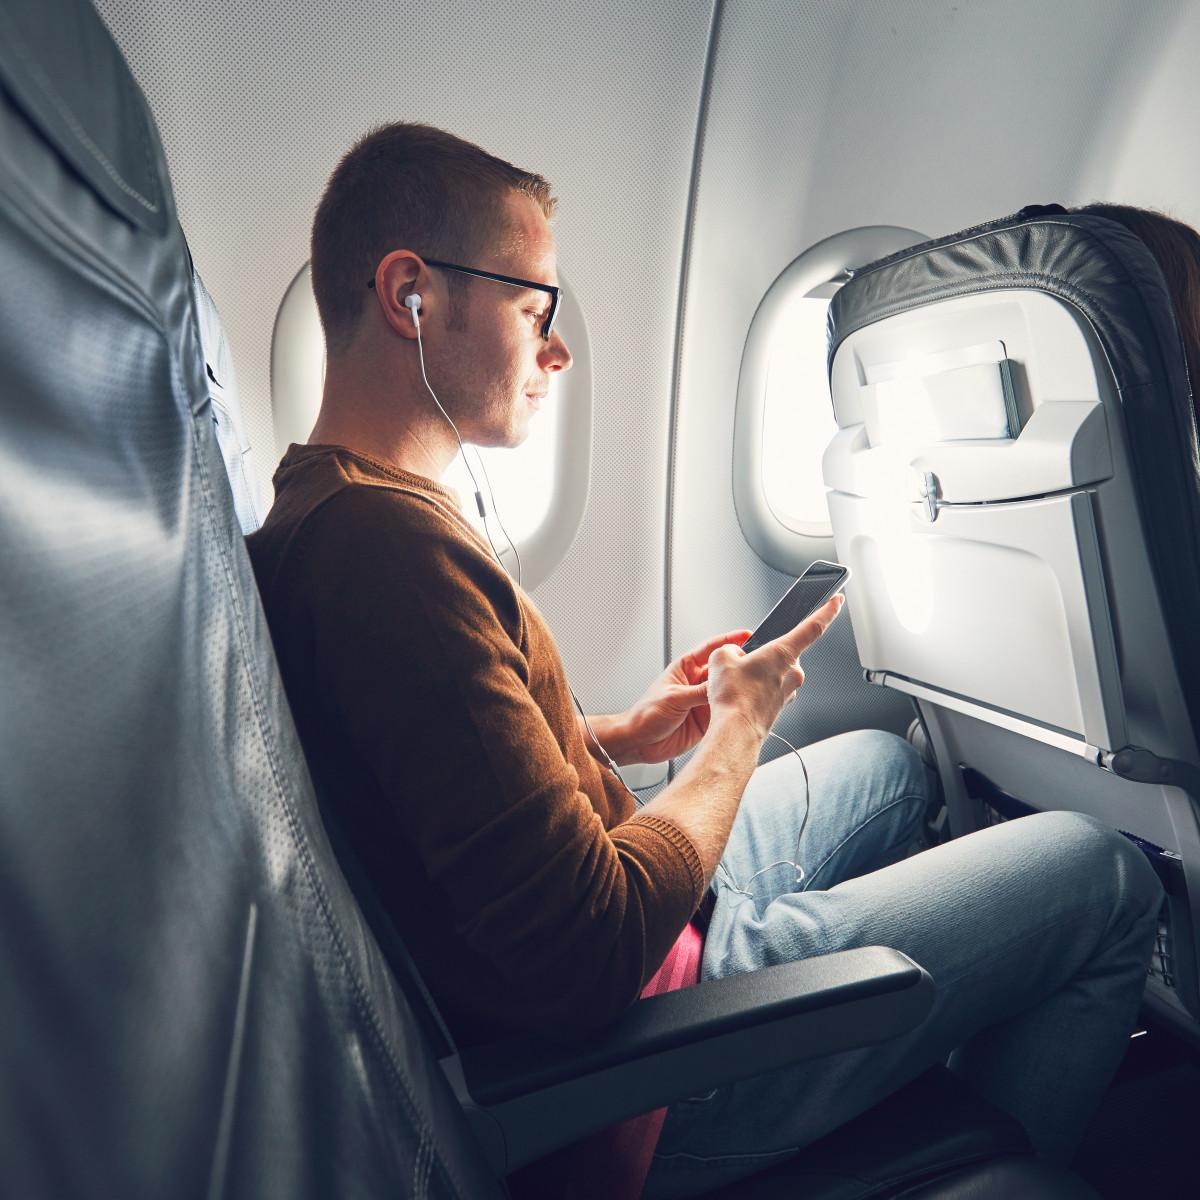 How long is this flight going to take? - Wie lange wird dieser Flug dauern?